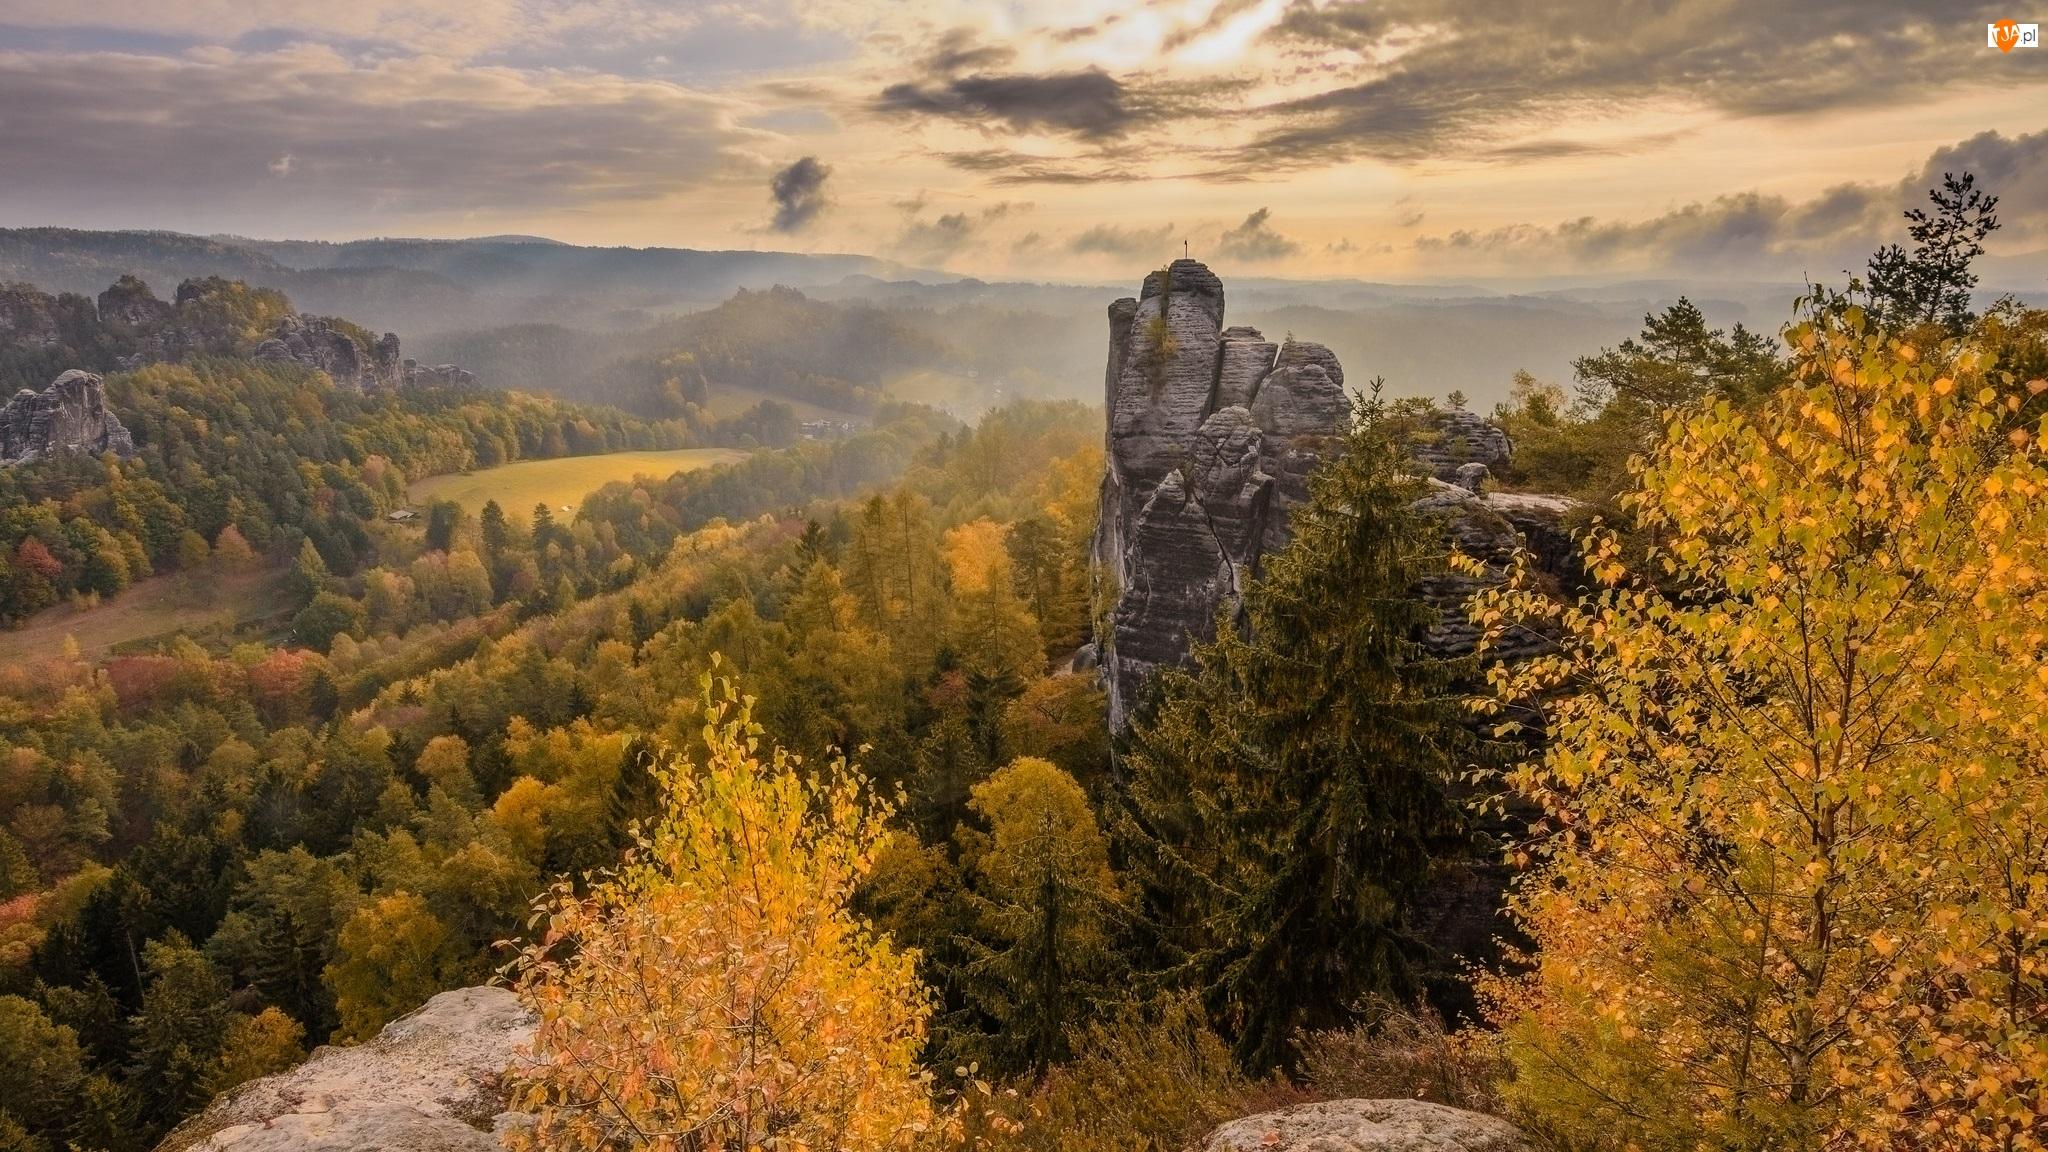 Park Narodowy Saskiej Szwajcarii, Jesień, Drzewa, Niemcy, Skały, Góry Połabskie